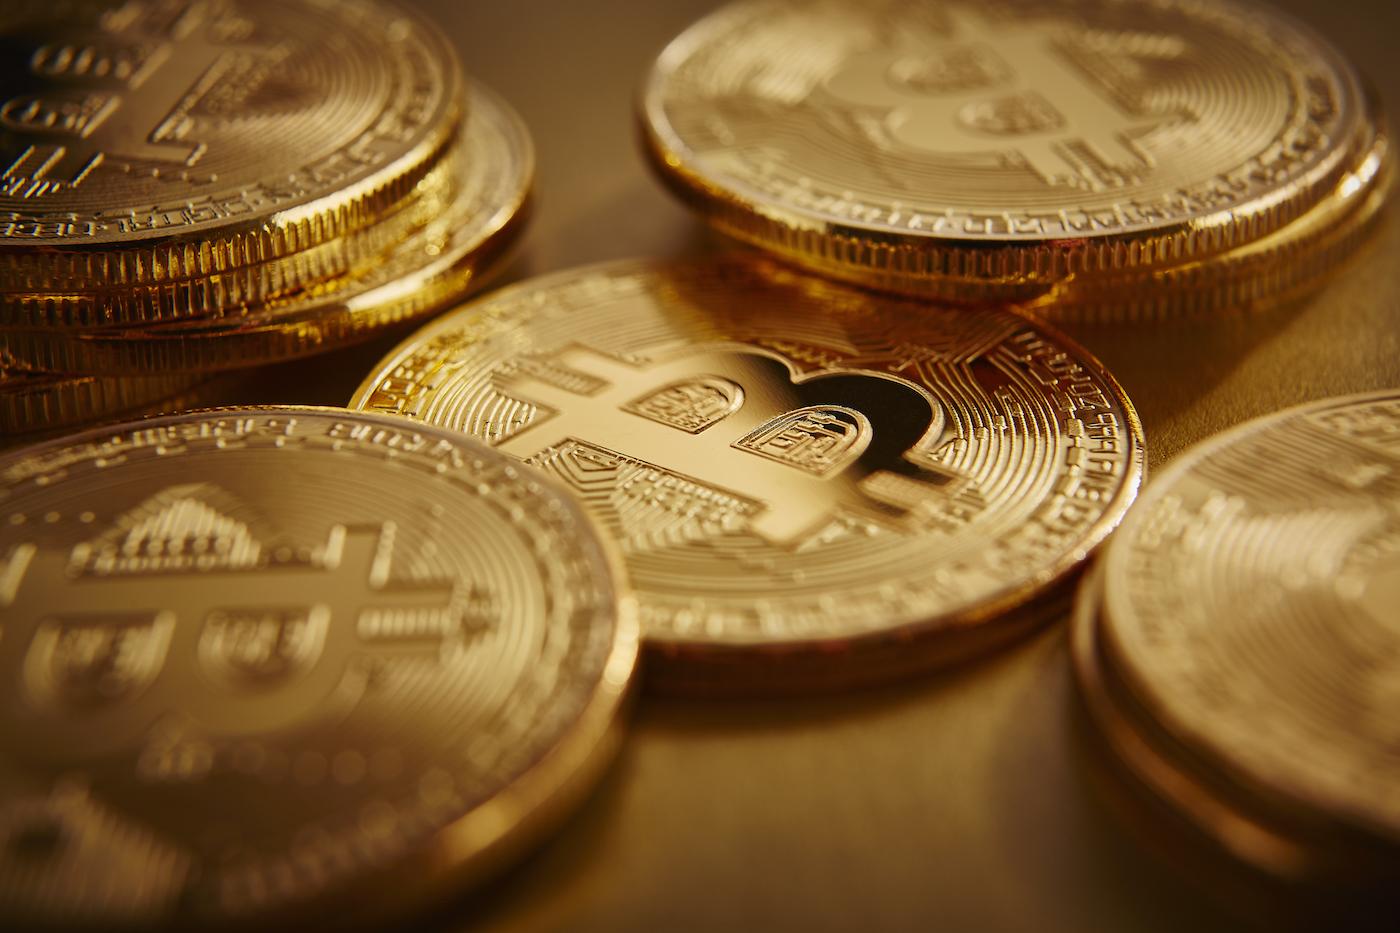 bitcoin yukselisini tetikleyecek faktorler